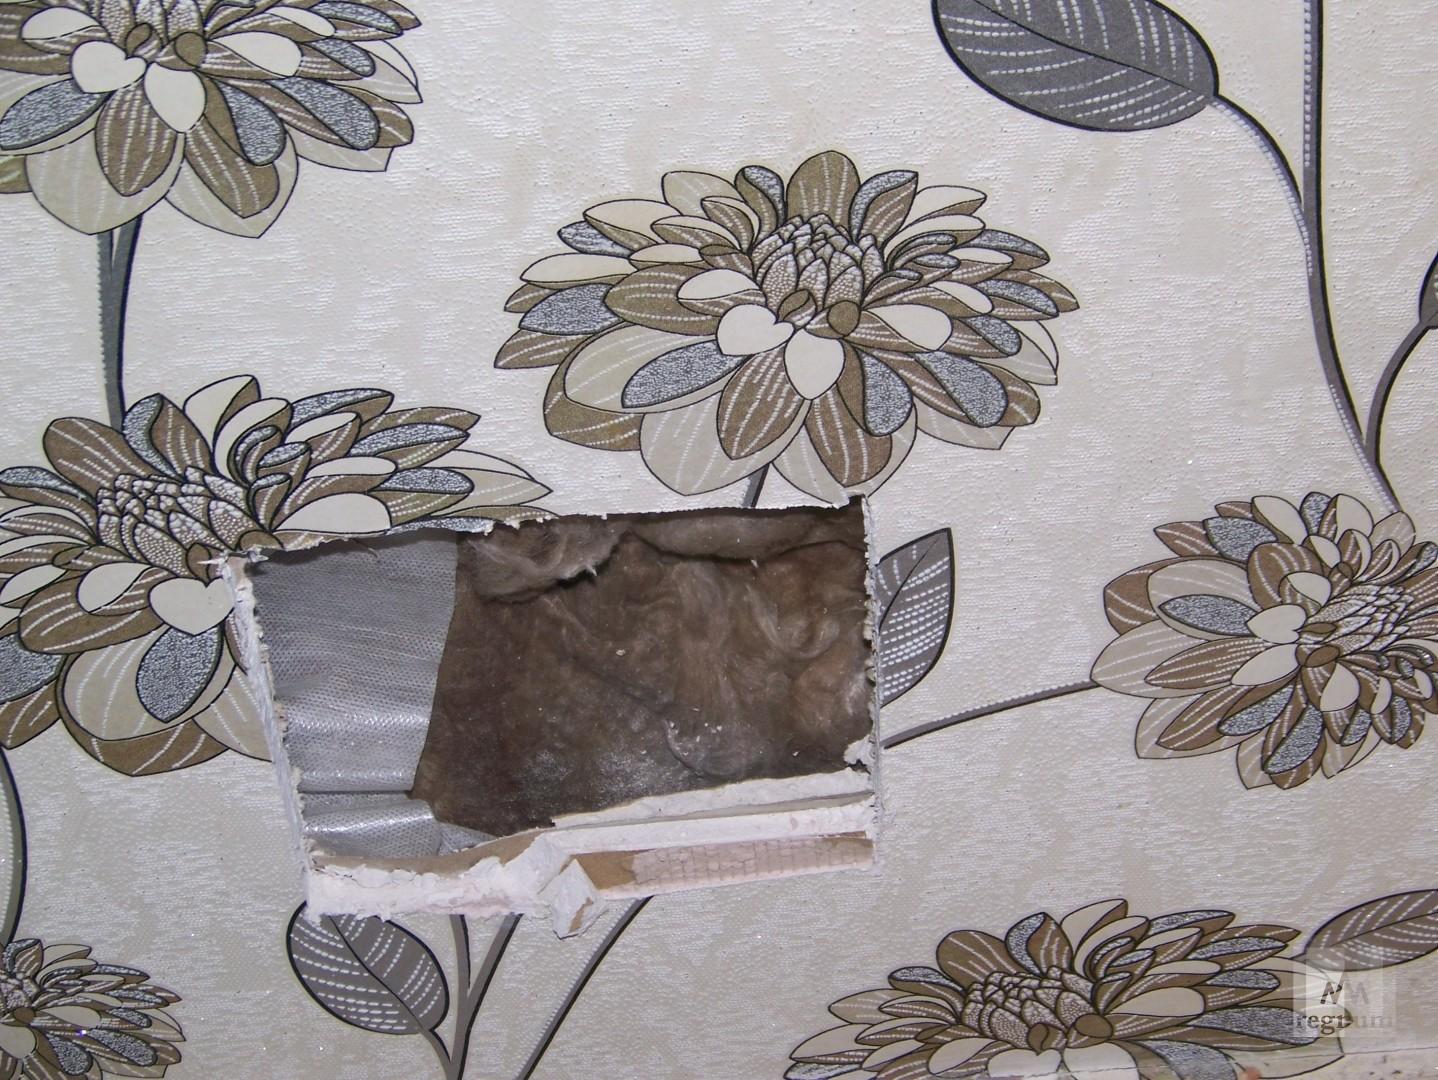 Гипсокартон и стекловата — это всё, из чего состоят стены в доме на улице Спекова в Бийске